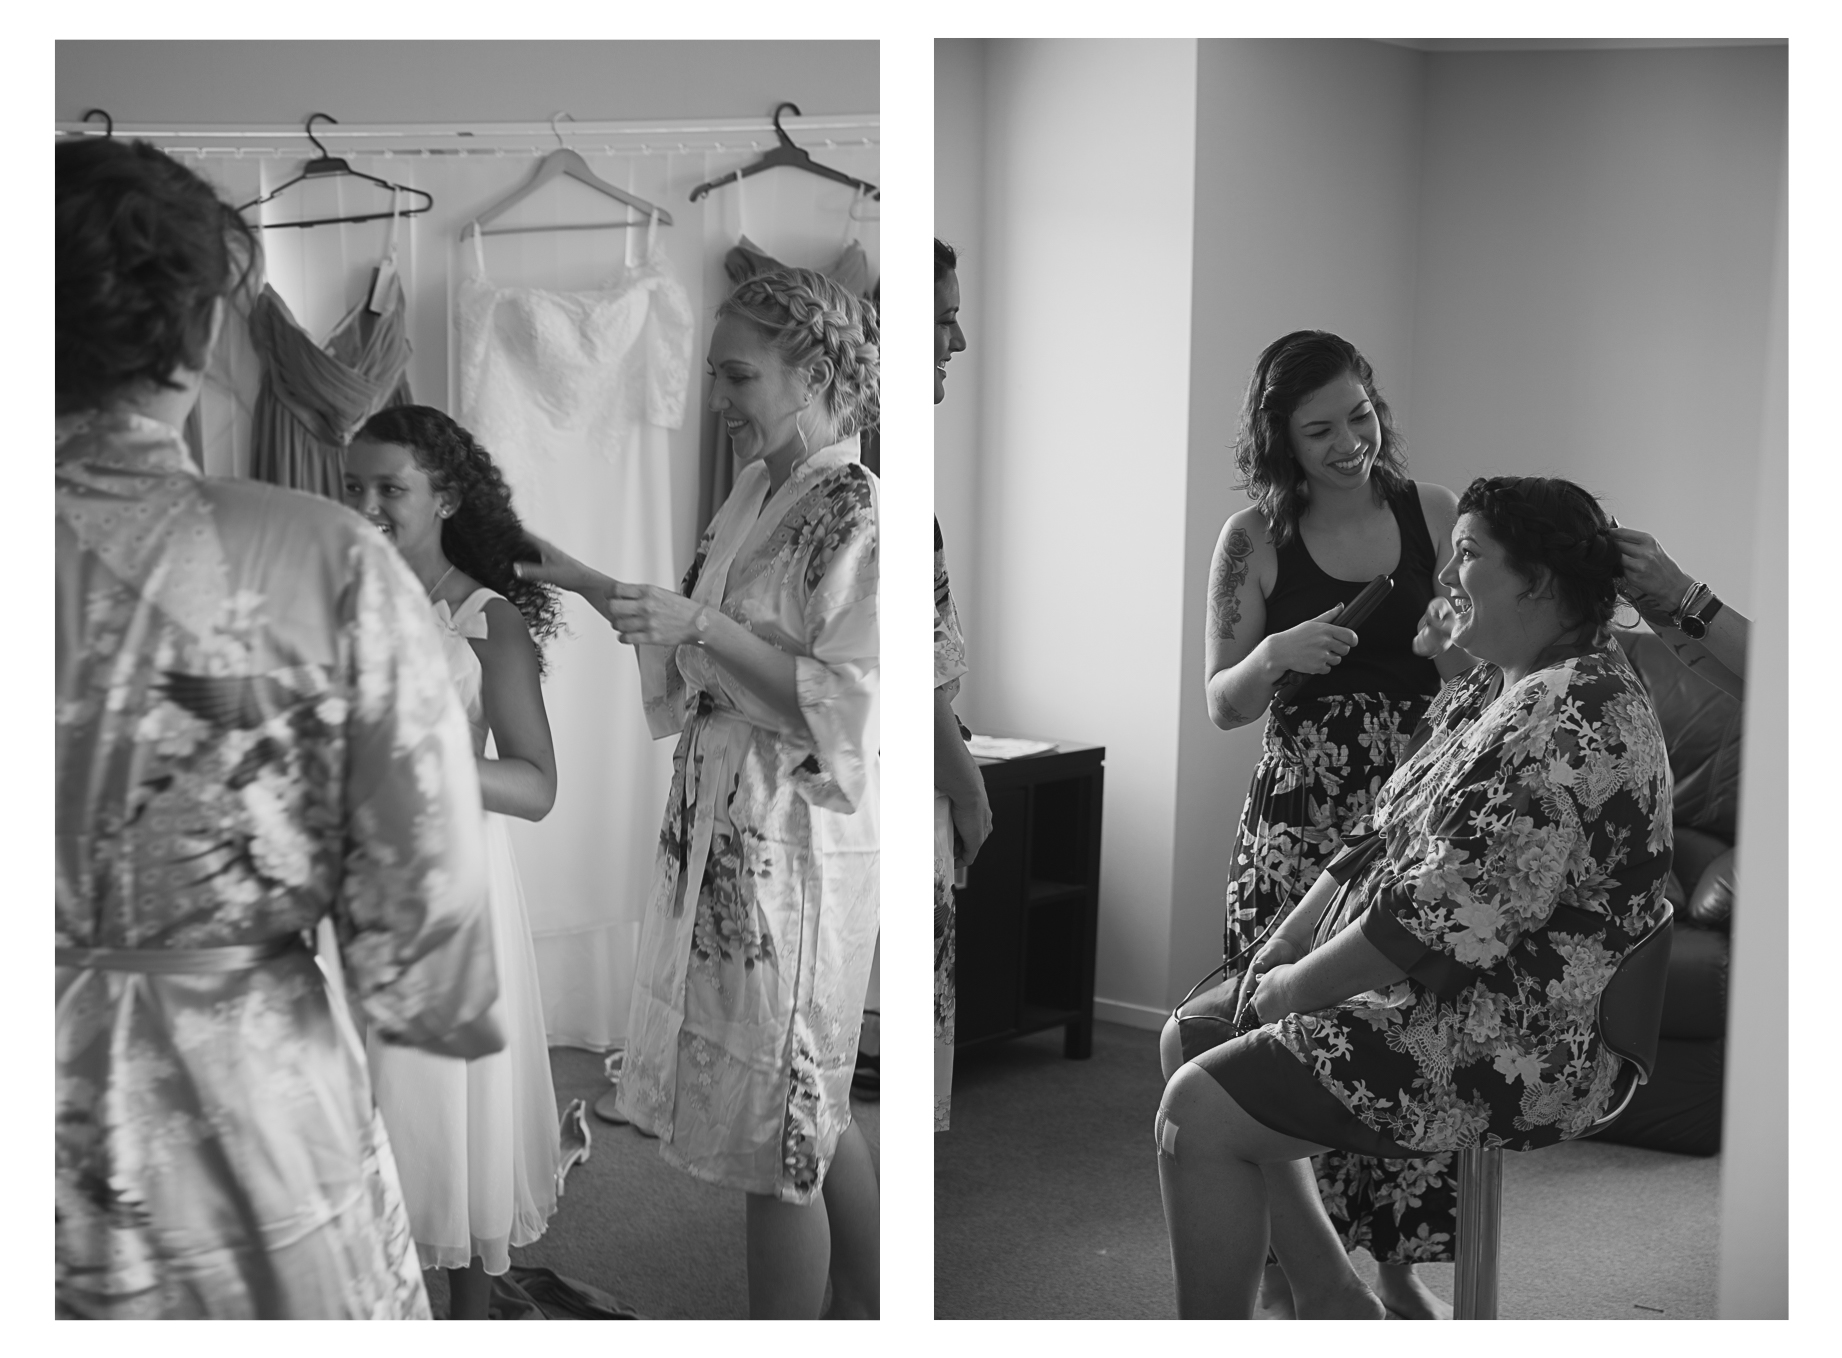 Brides wedding dress details